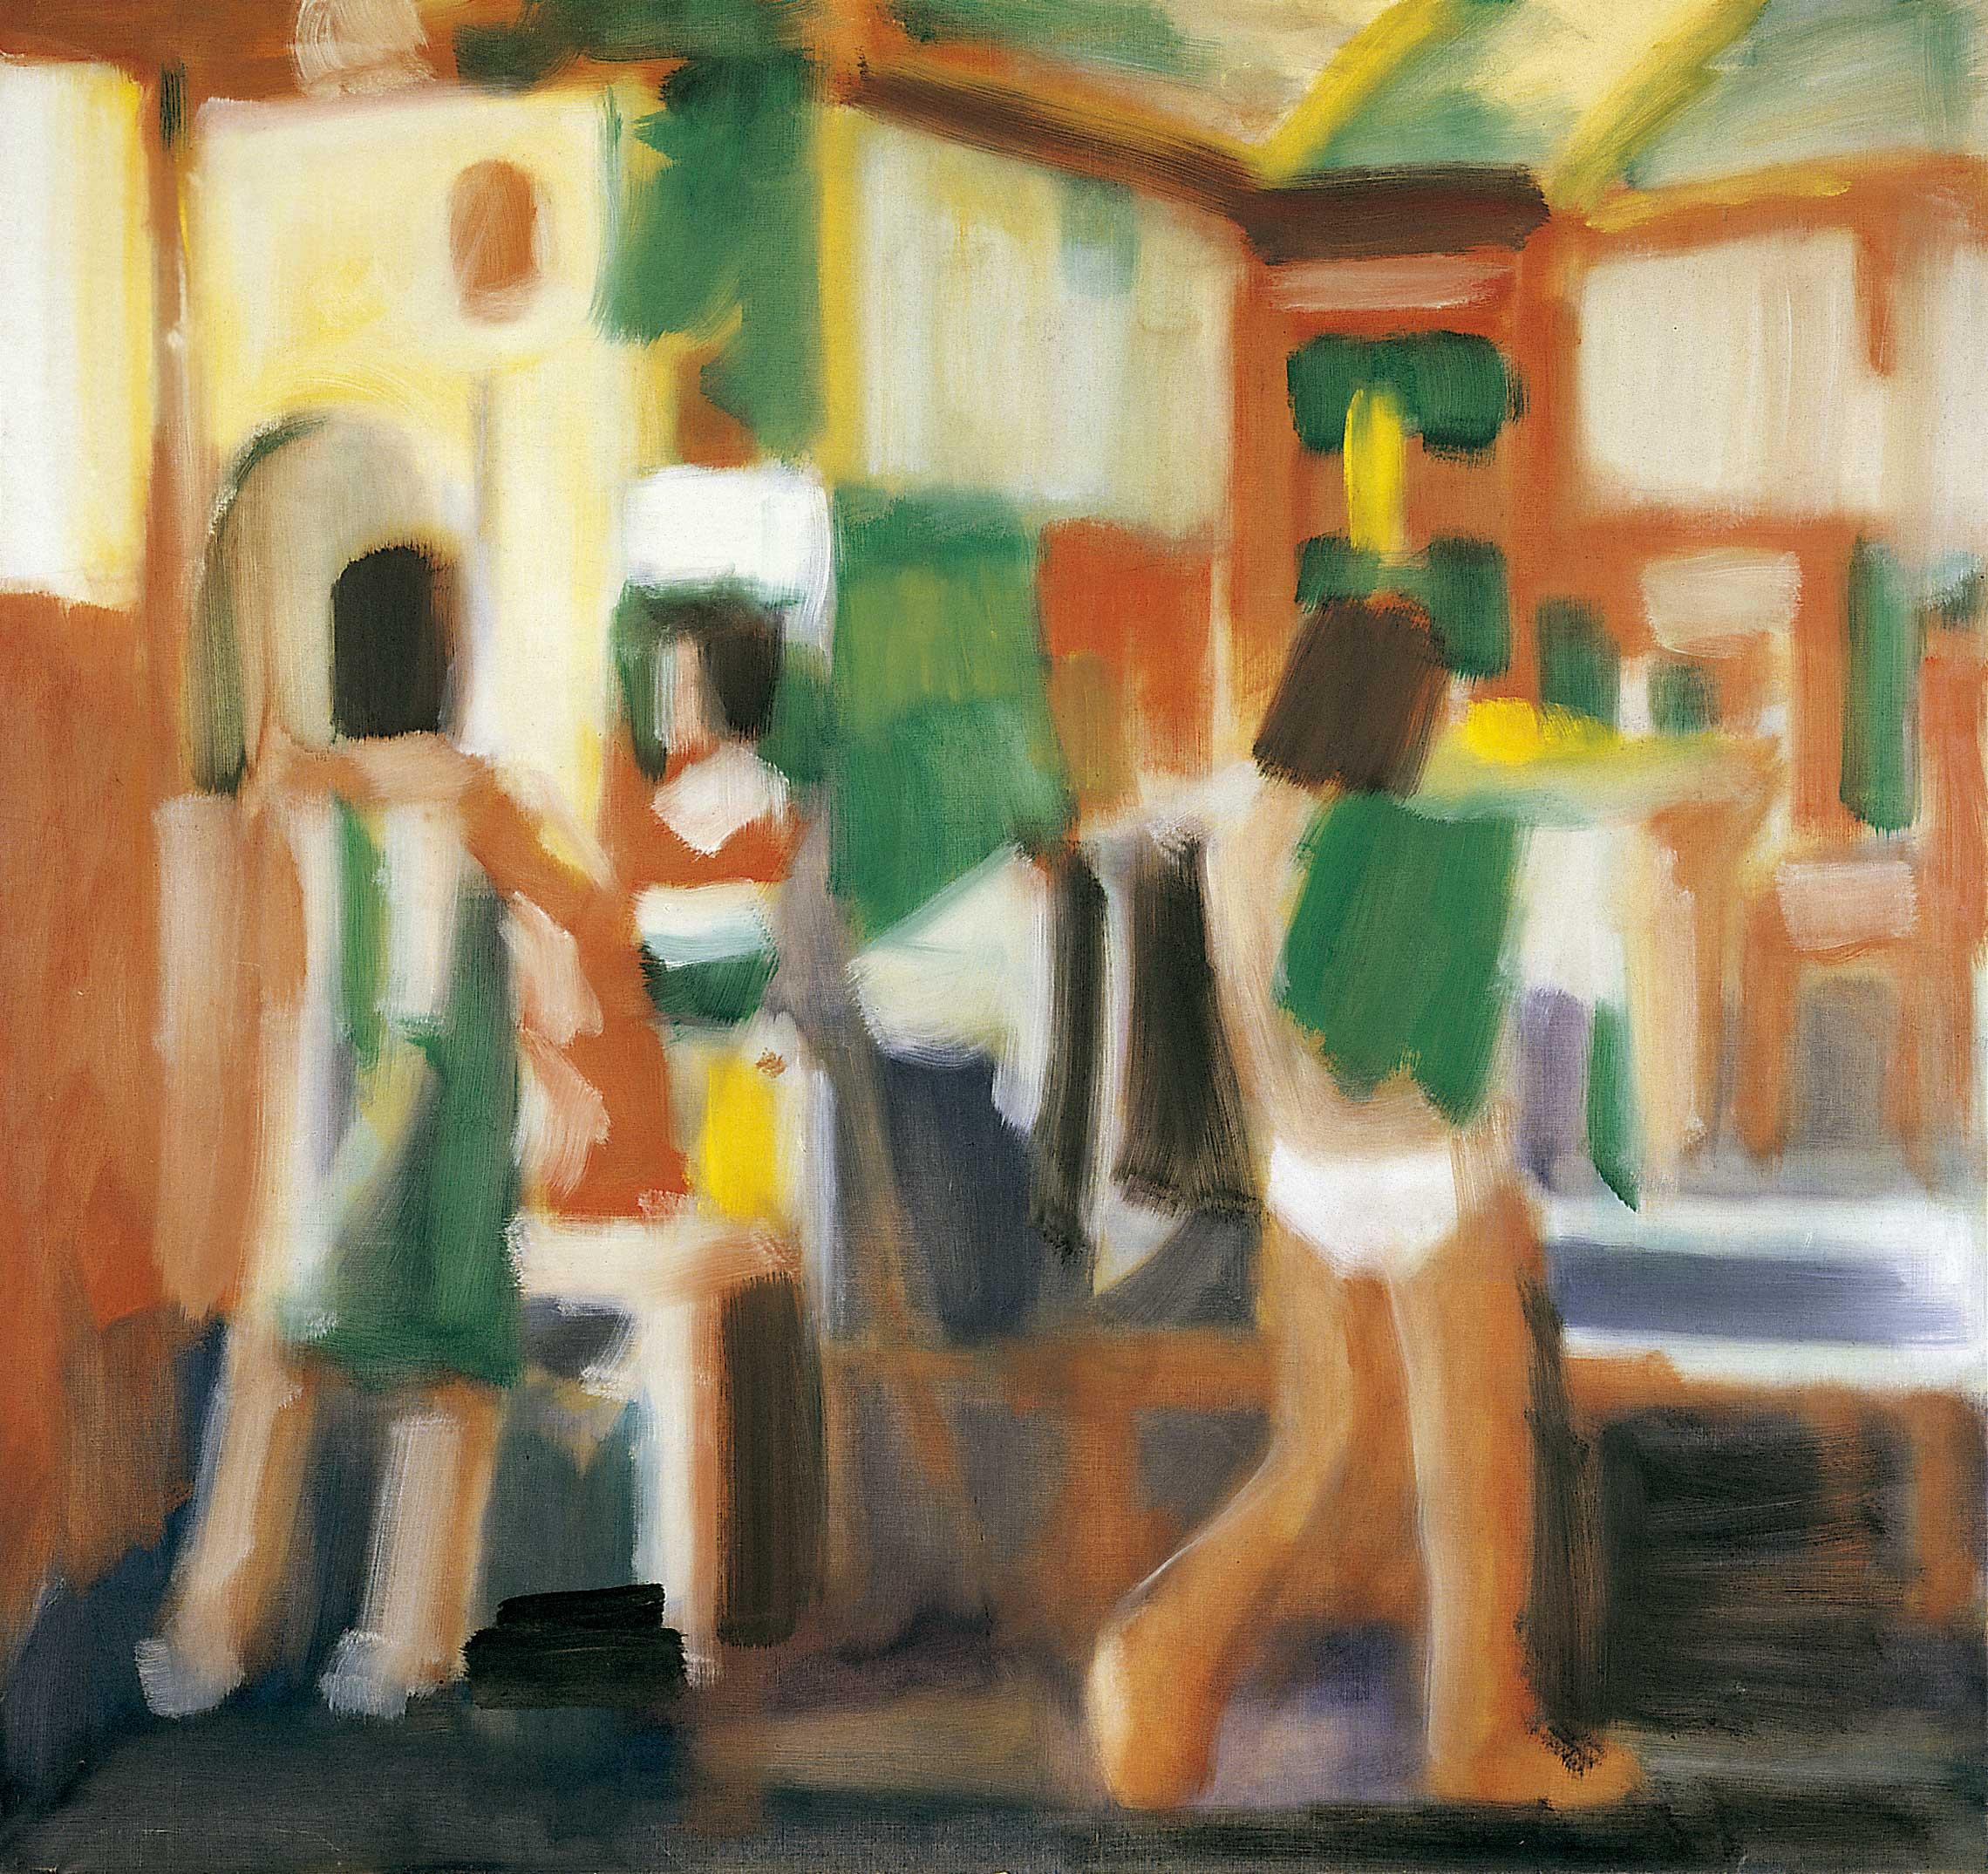 Espejo (1984) - Manolo Quejido